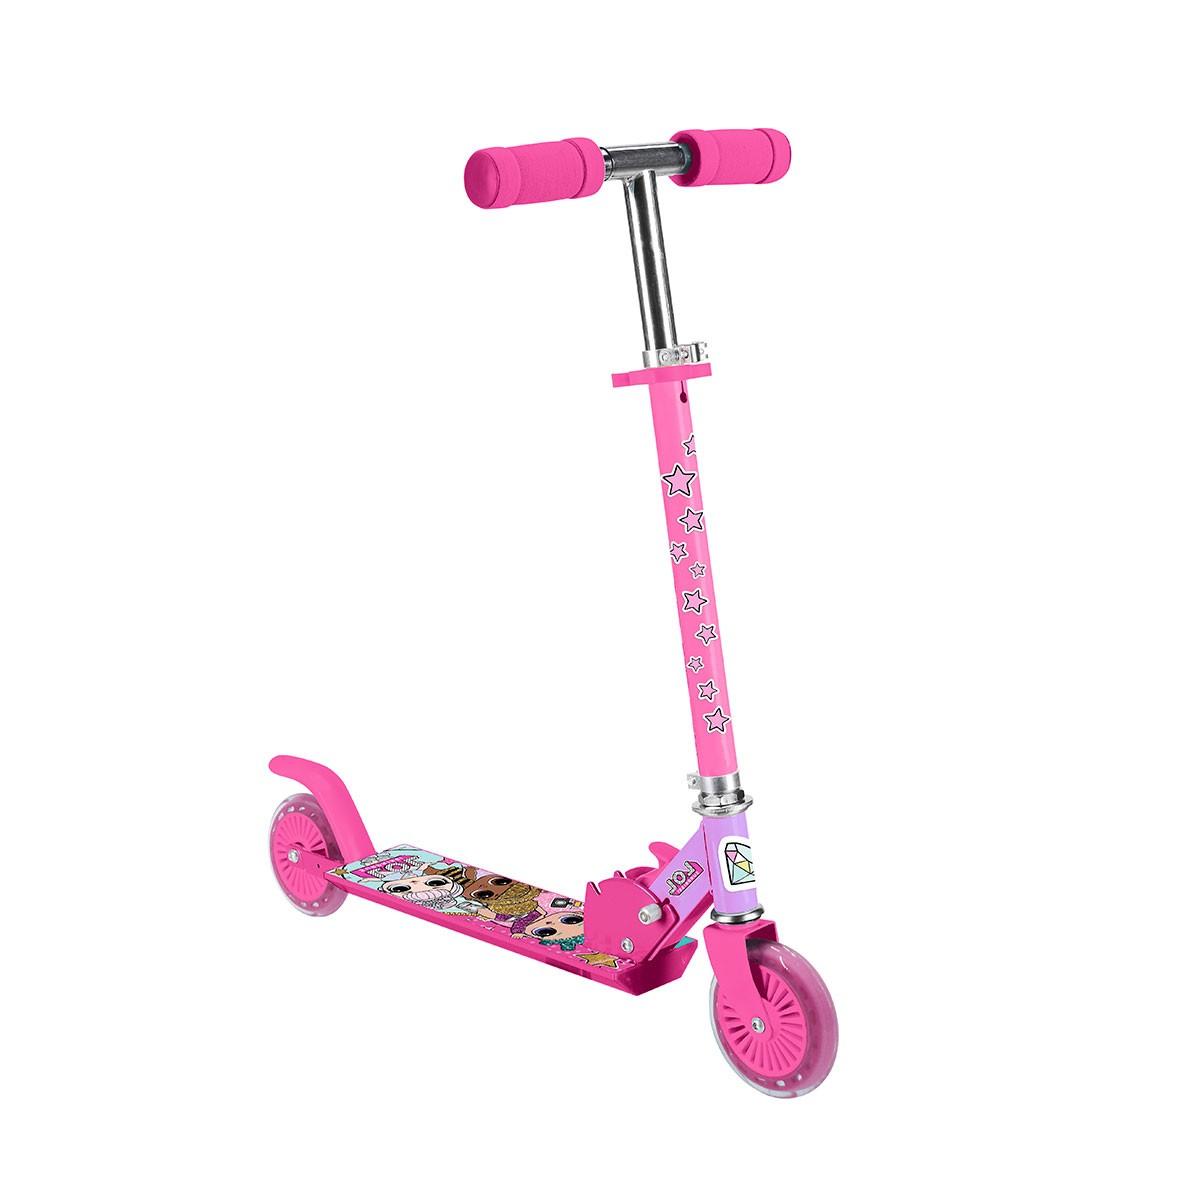 Детский оригинальный двухколесный самокат для девочки L.О.L. SURPRISE! Розовый (T14742-U)